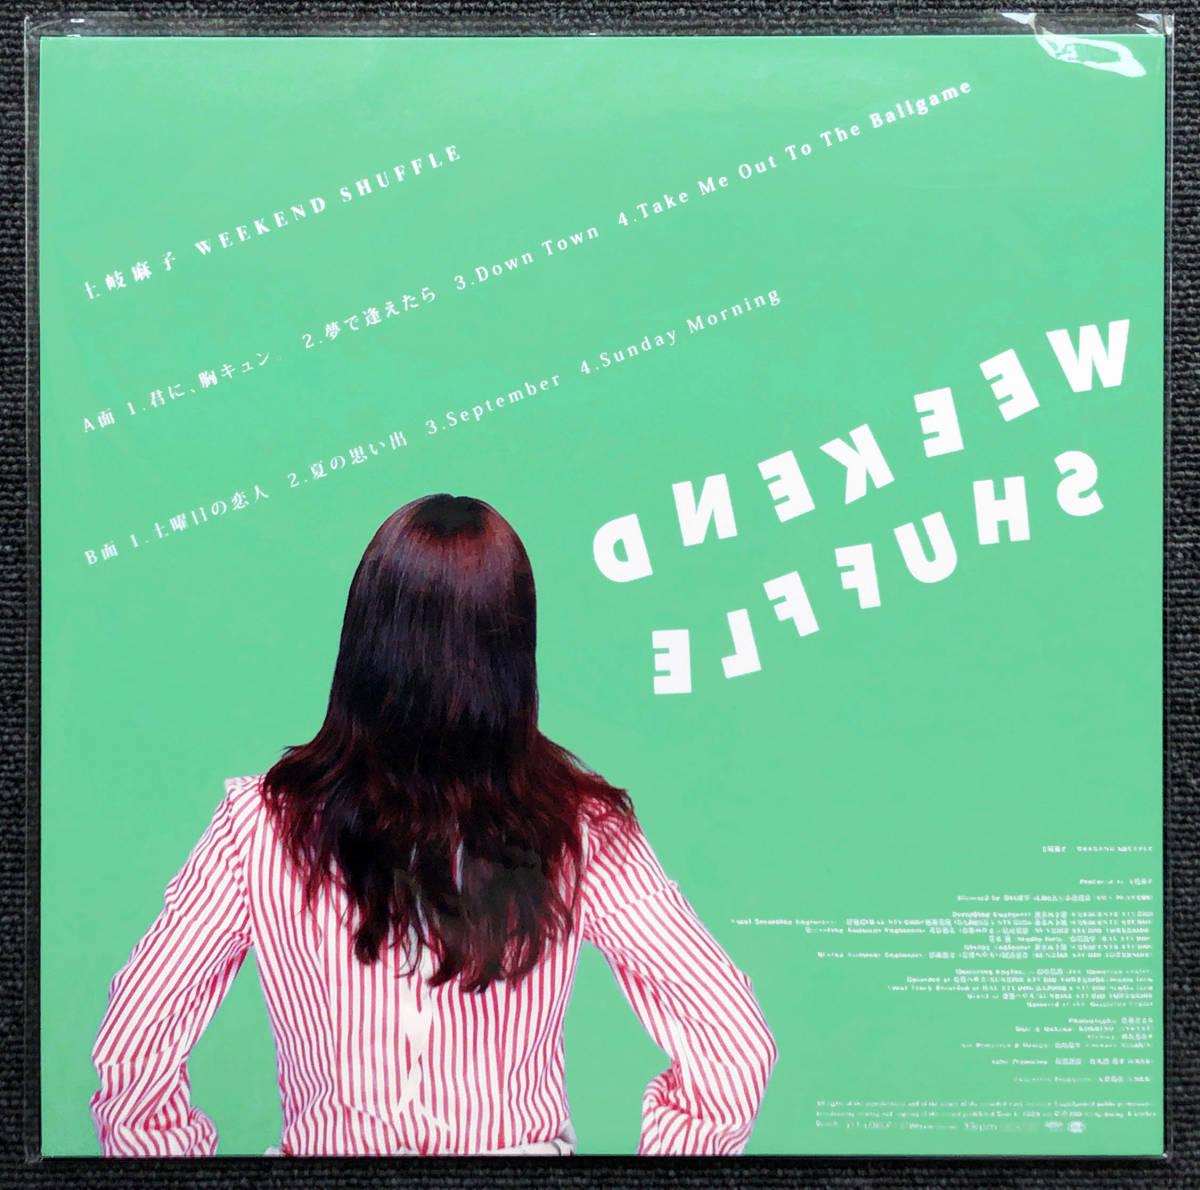 ◆新品◆アナログ限定盤◆WEEKEND SHUFFLE◆土岐麻子◆ウィークエンド・シャッフル◆Cymbals◆山下達郎 夢で逢えたら 大滝詠一 LPレコード_画像2